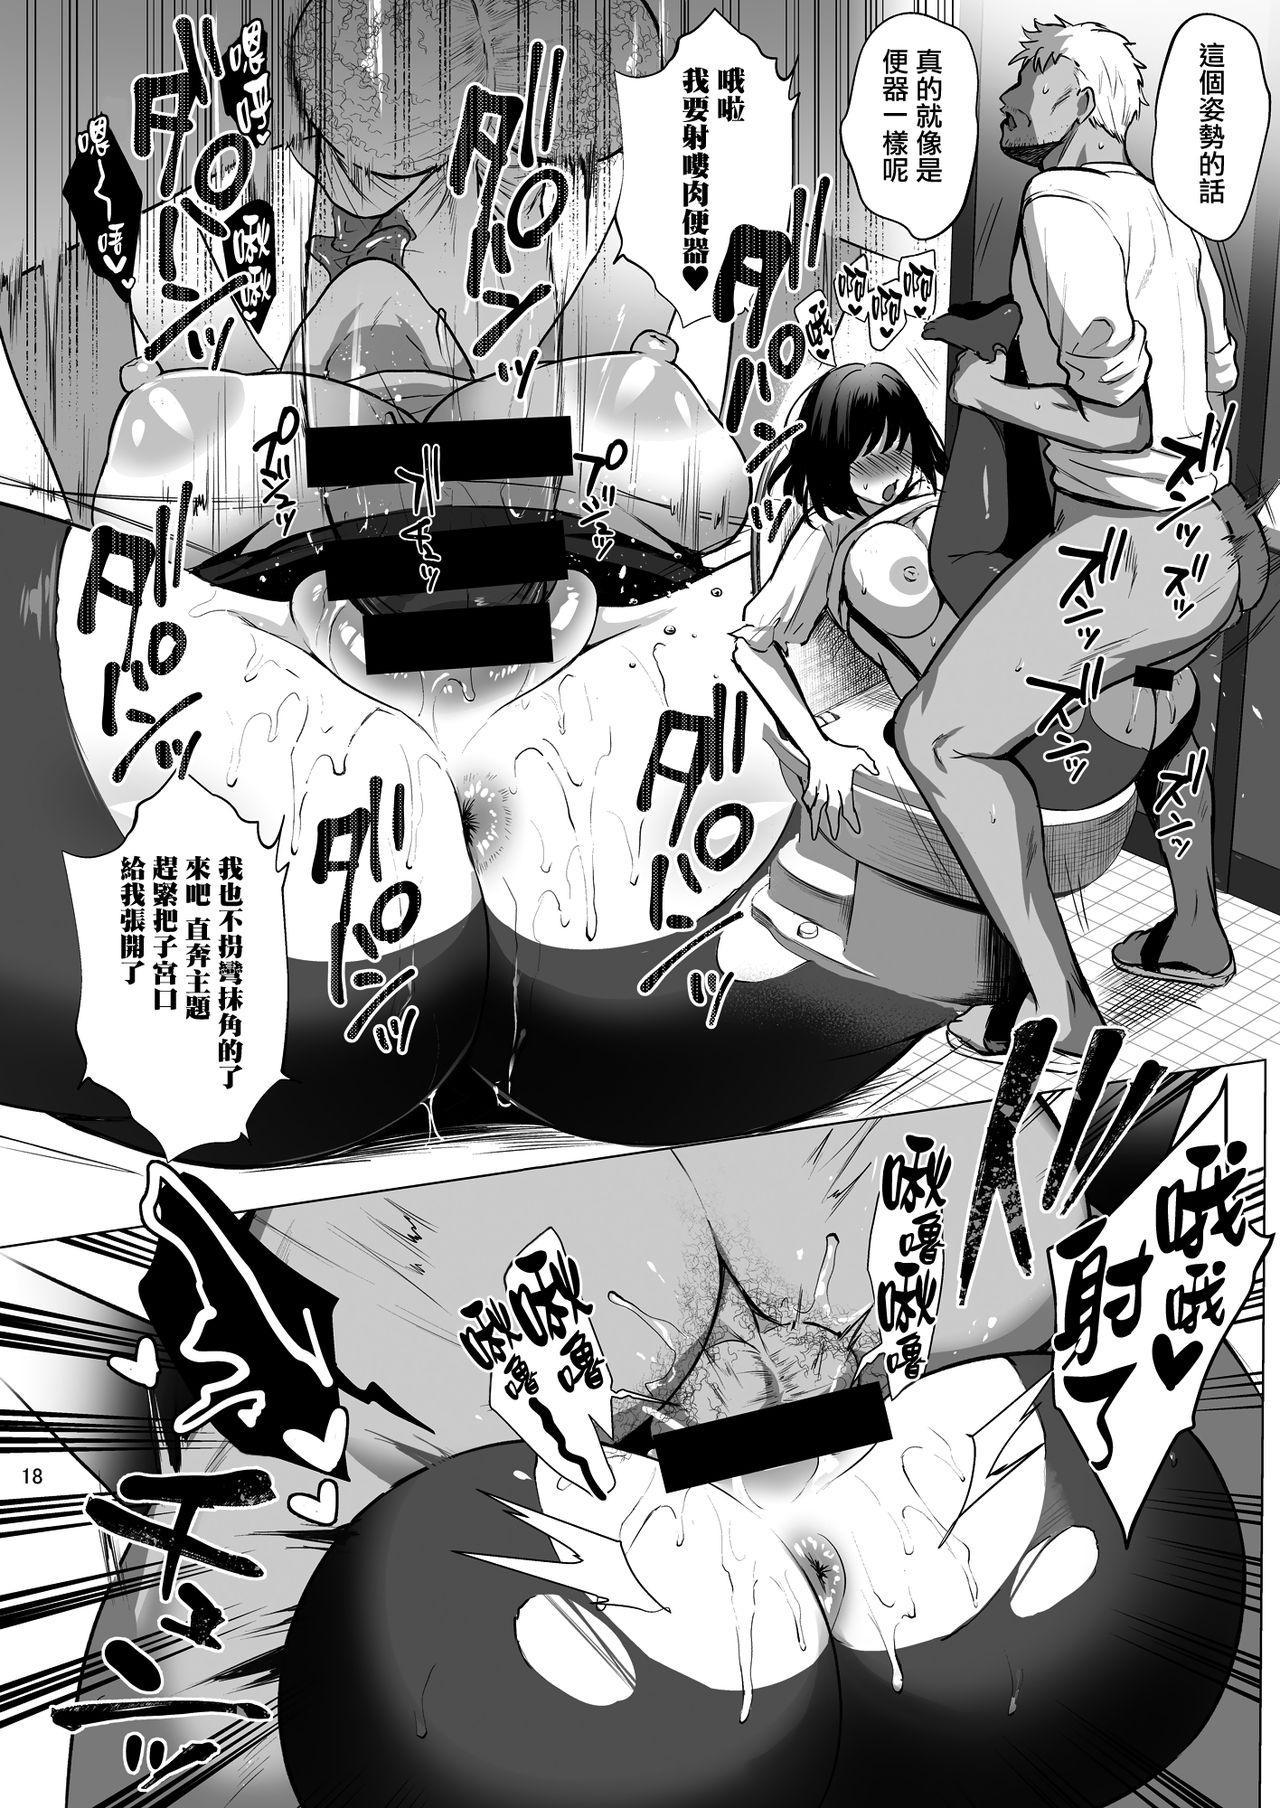 Toshoshitsu no Kanojo 3 18